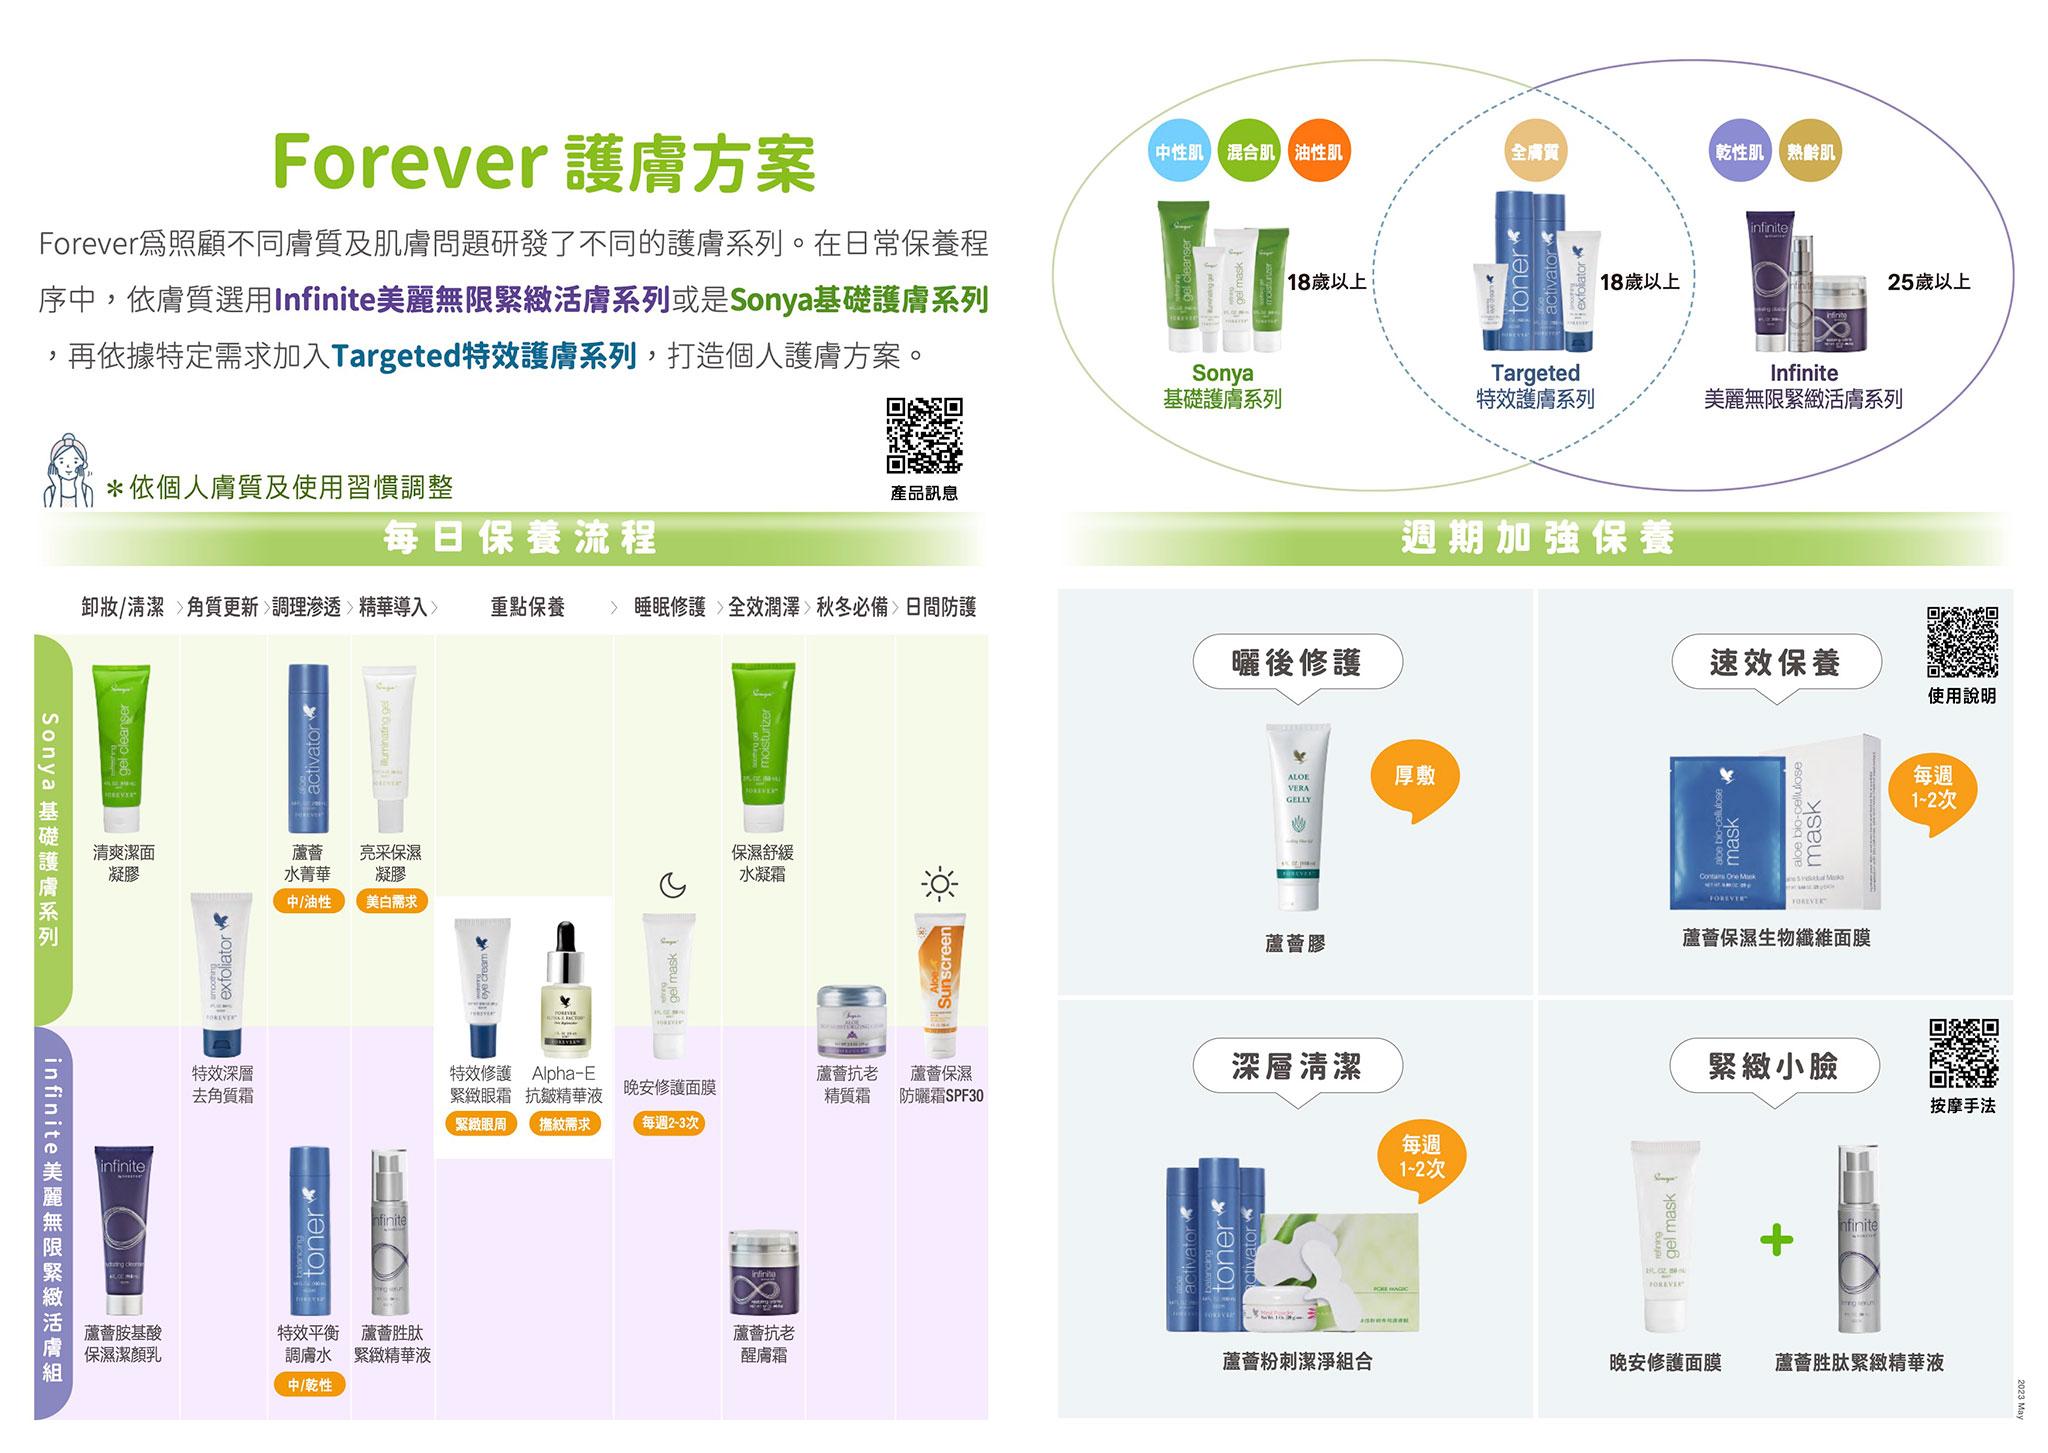 護膚產品美肌保養建議流程